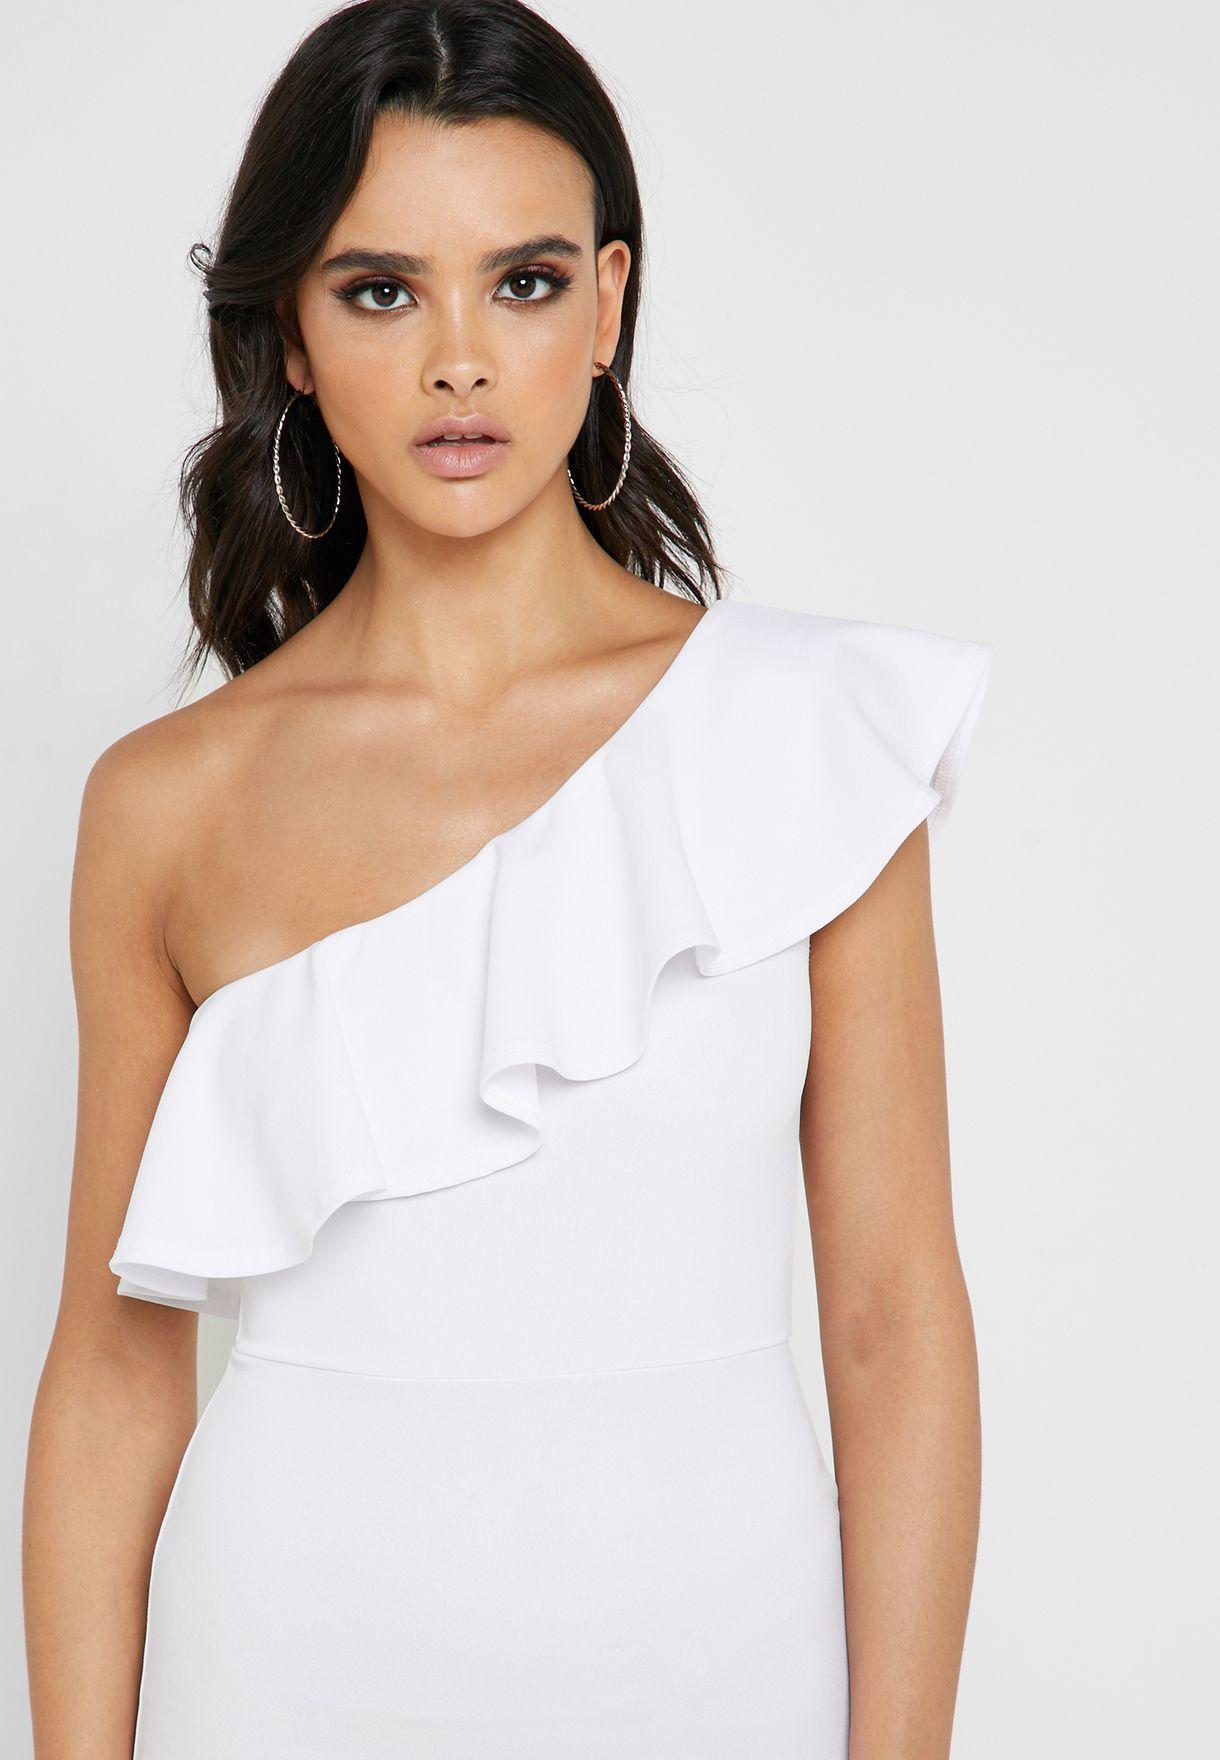 فستان بكتف واحد ومزين بكشكش